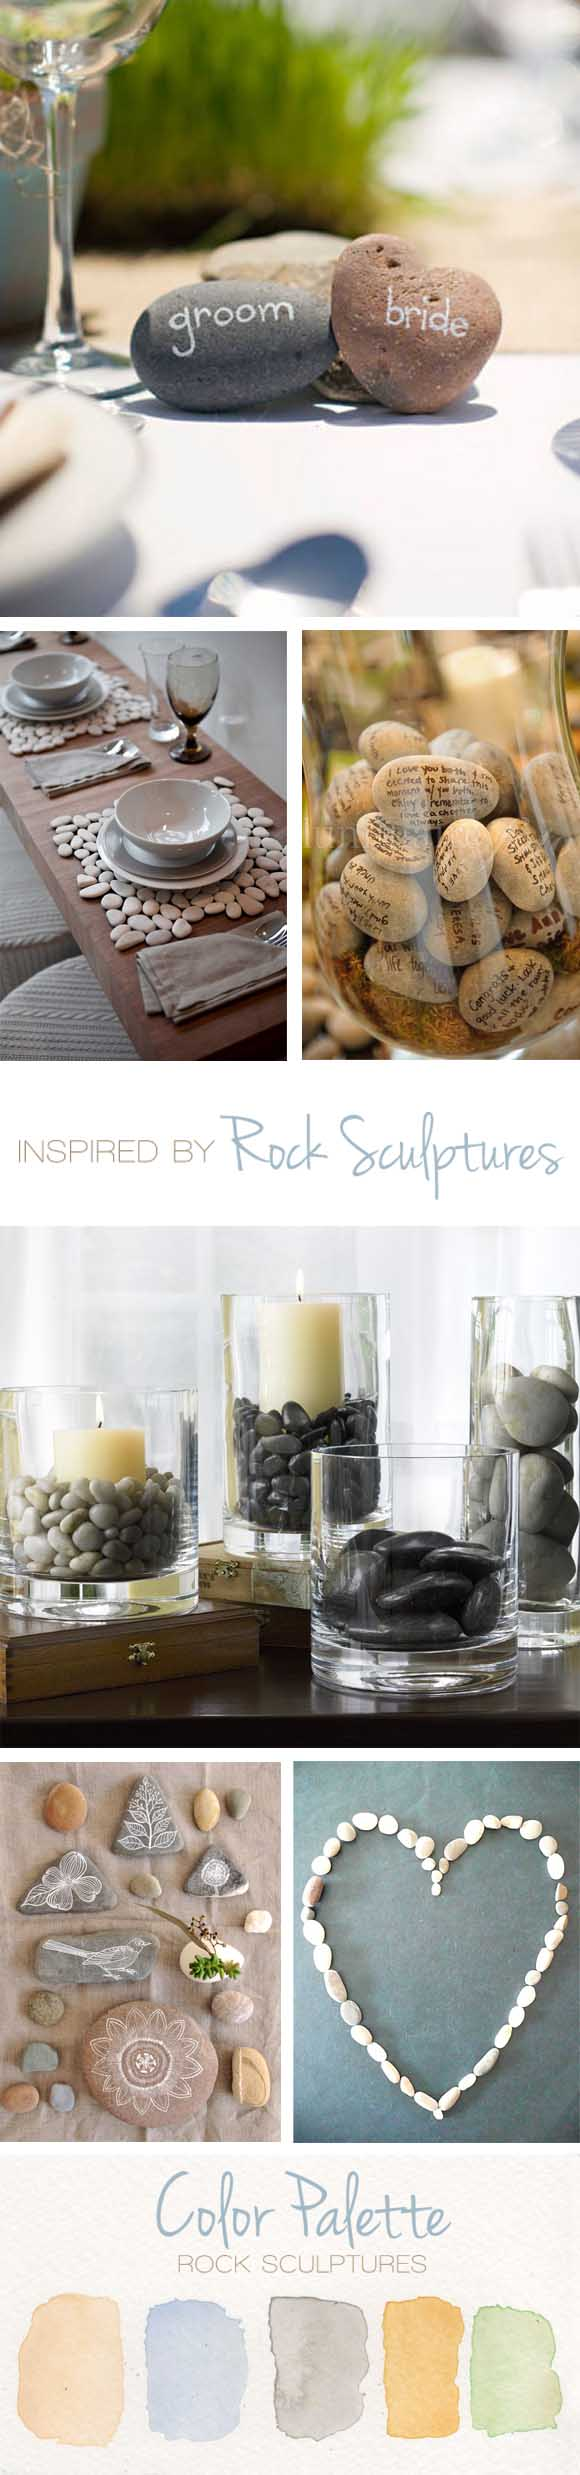 Rock Sculpture: Reception Ideas